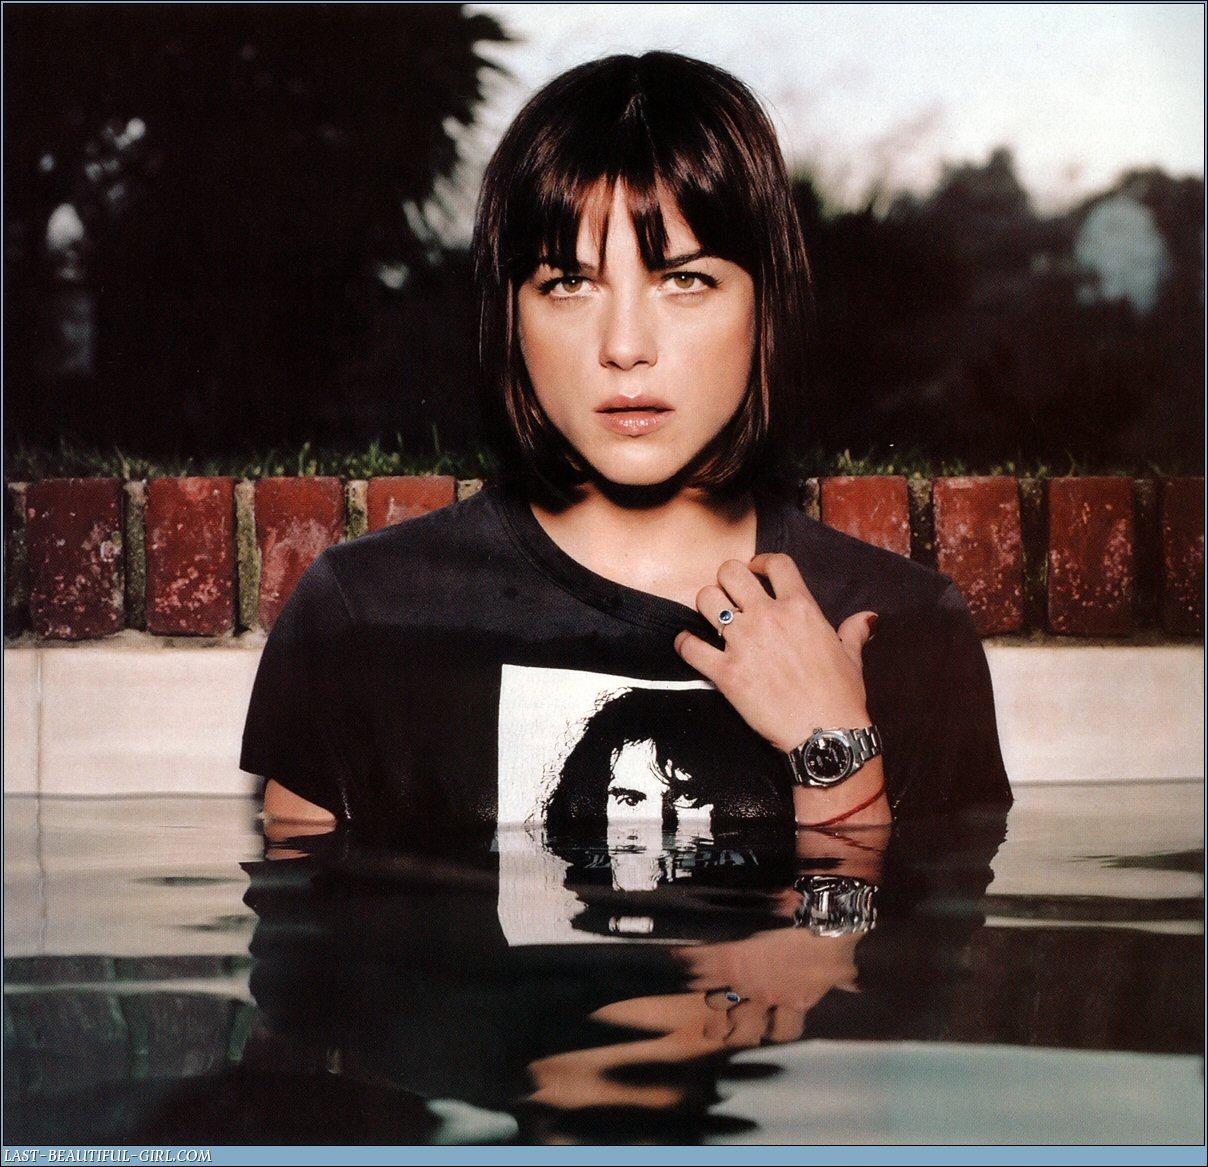 Blair Hot Selma Blair Very Hot Selma Blair Beautiful Selma Blair